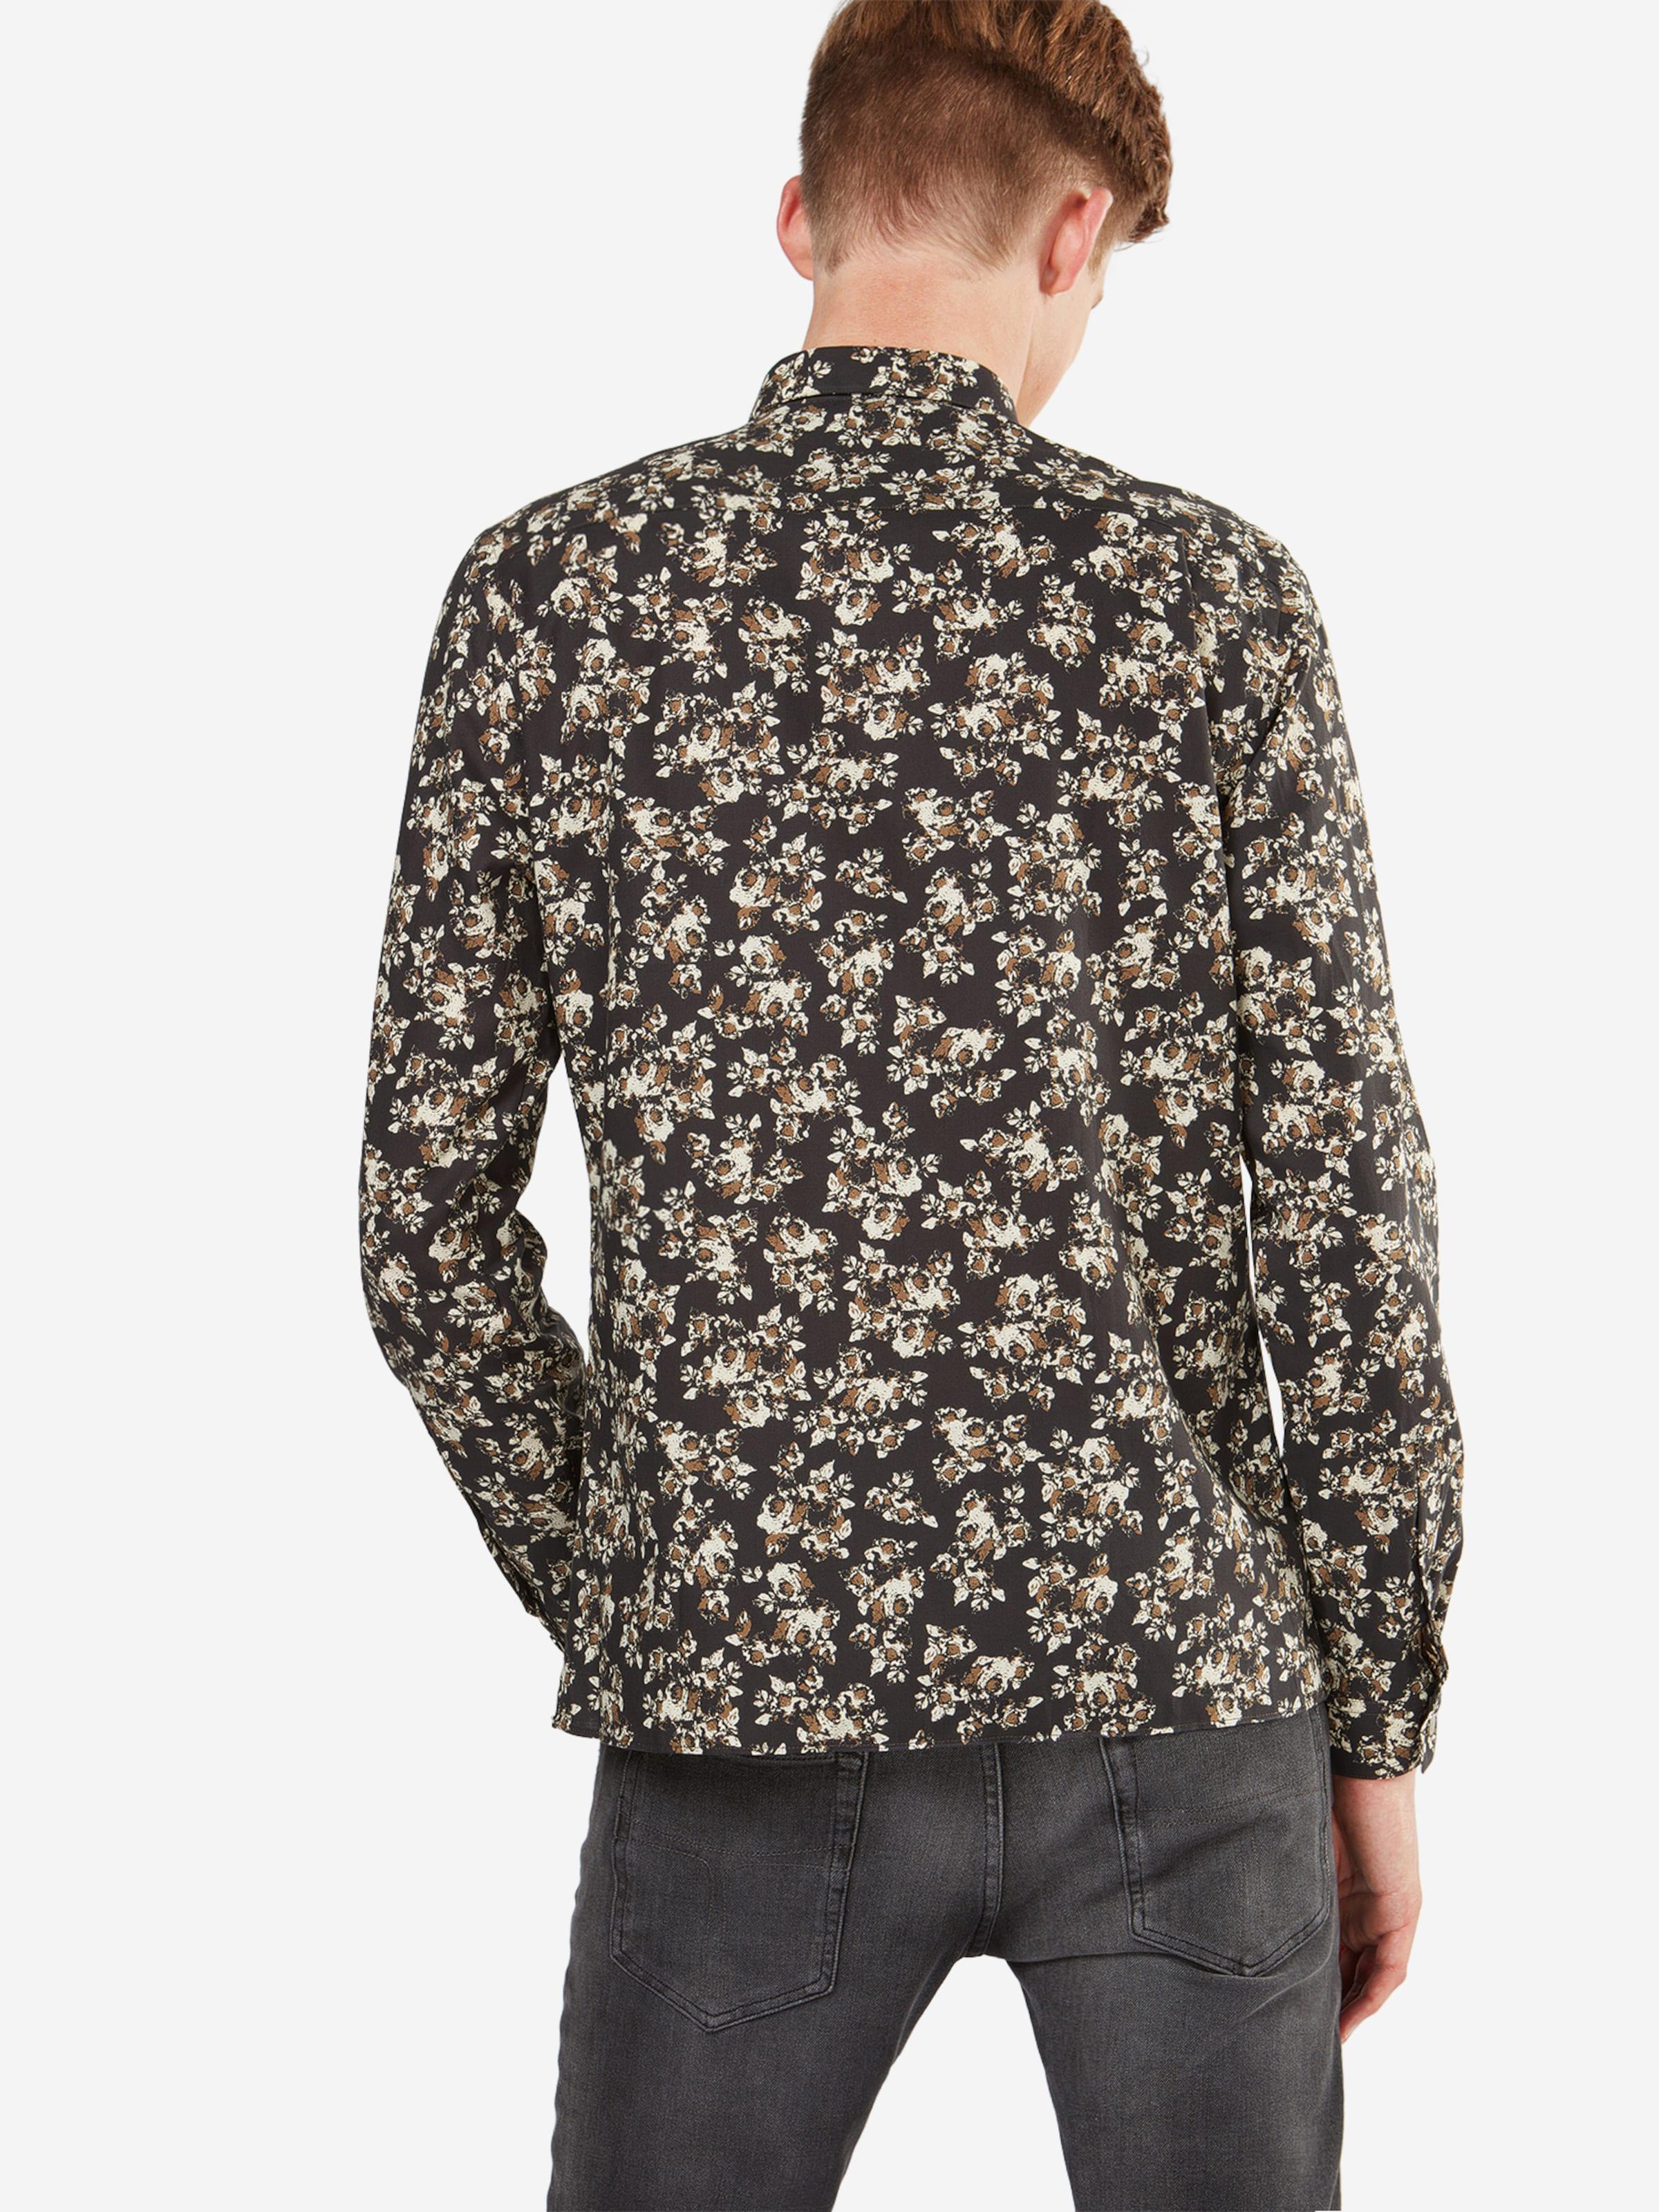 Sehr Günstig Online The Kooples Slim-Fit-Hemd Erschwinglicher Günstiger Preis Ve03sf1h